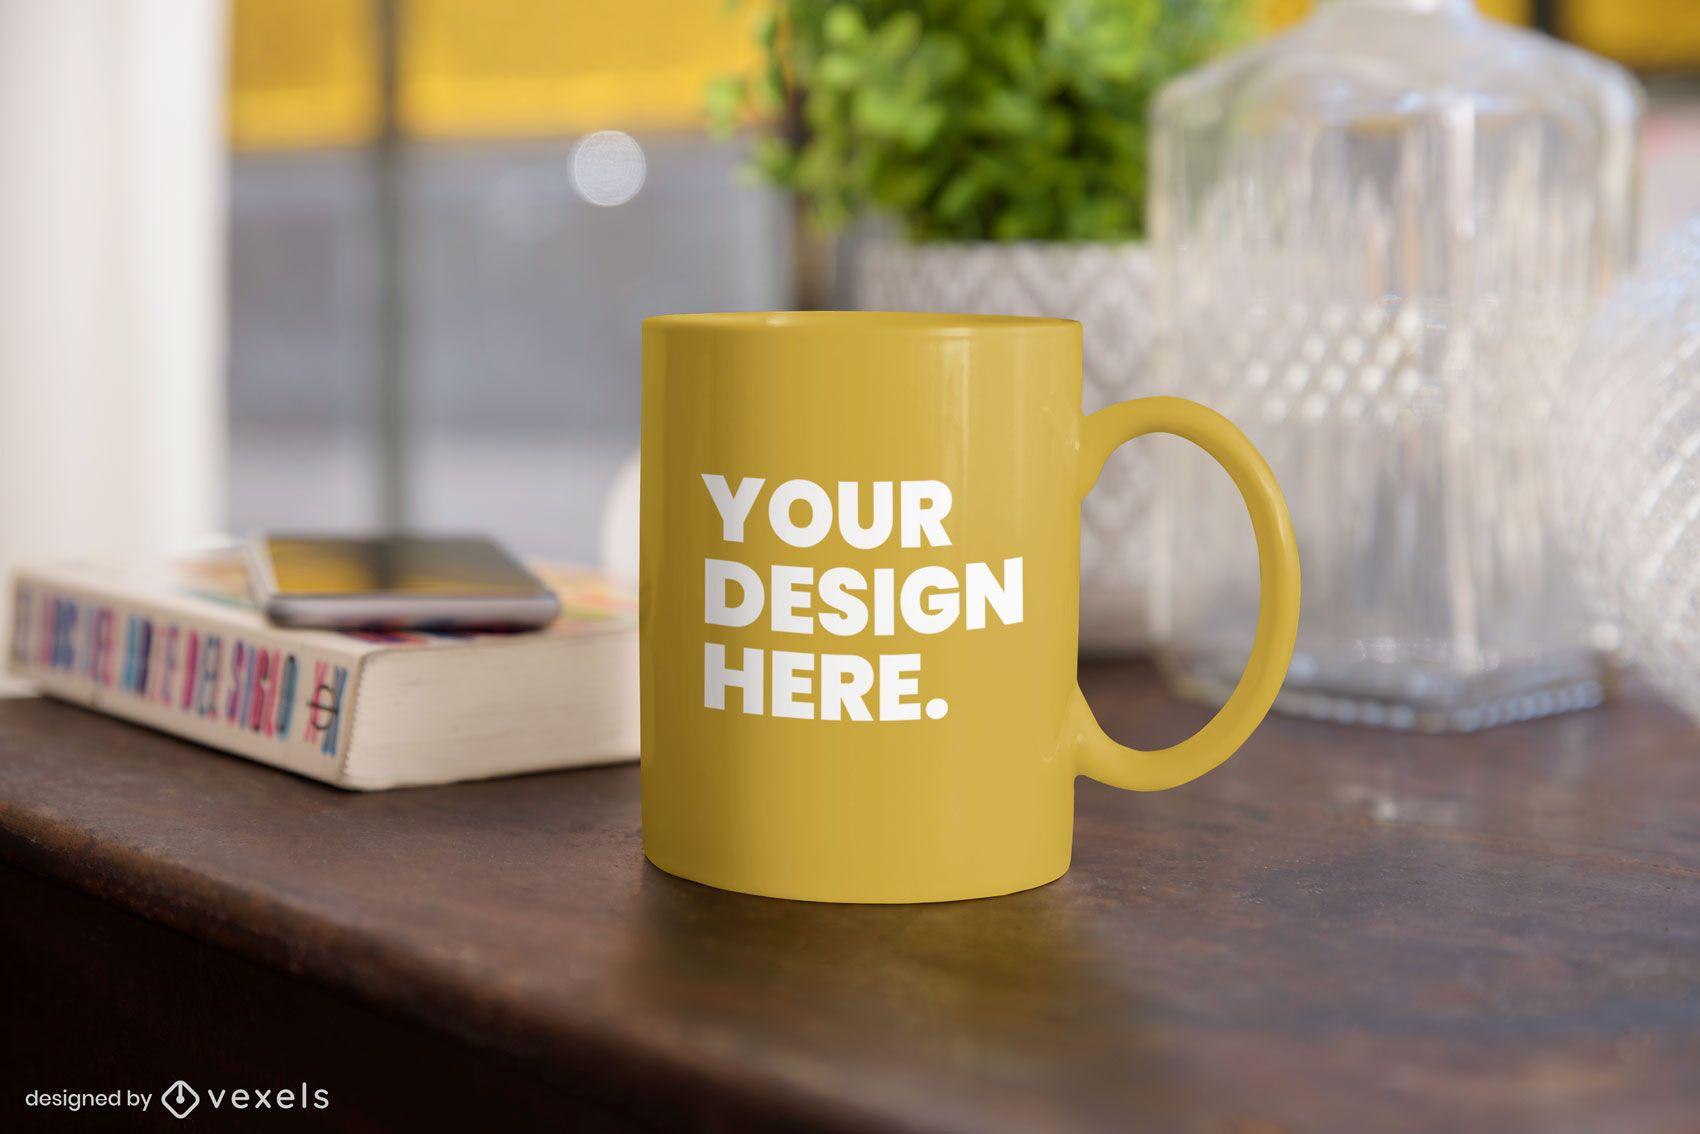 Mug table mockup composition